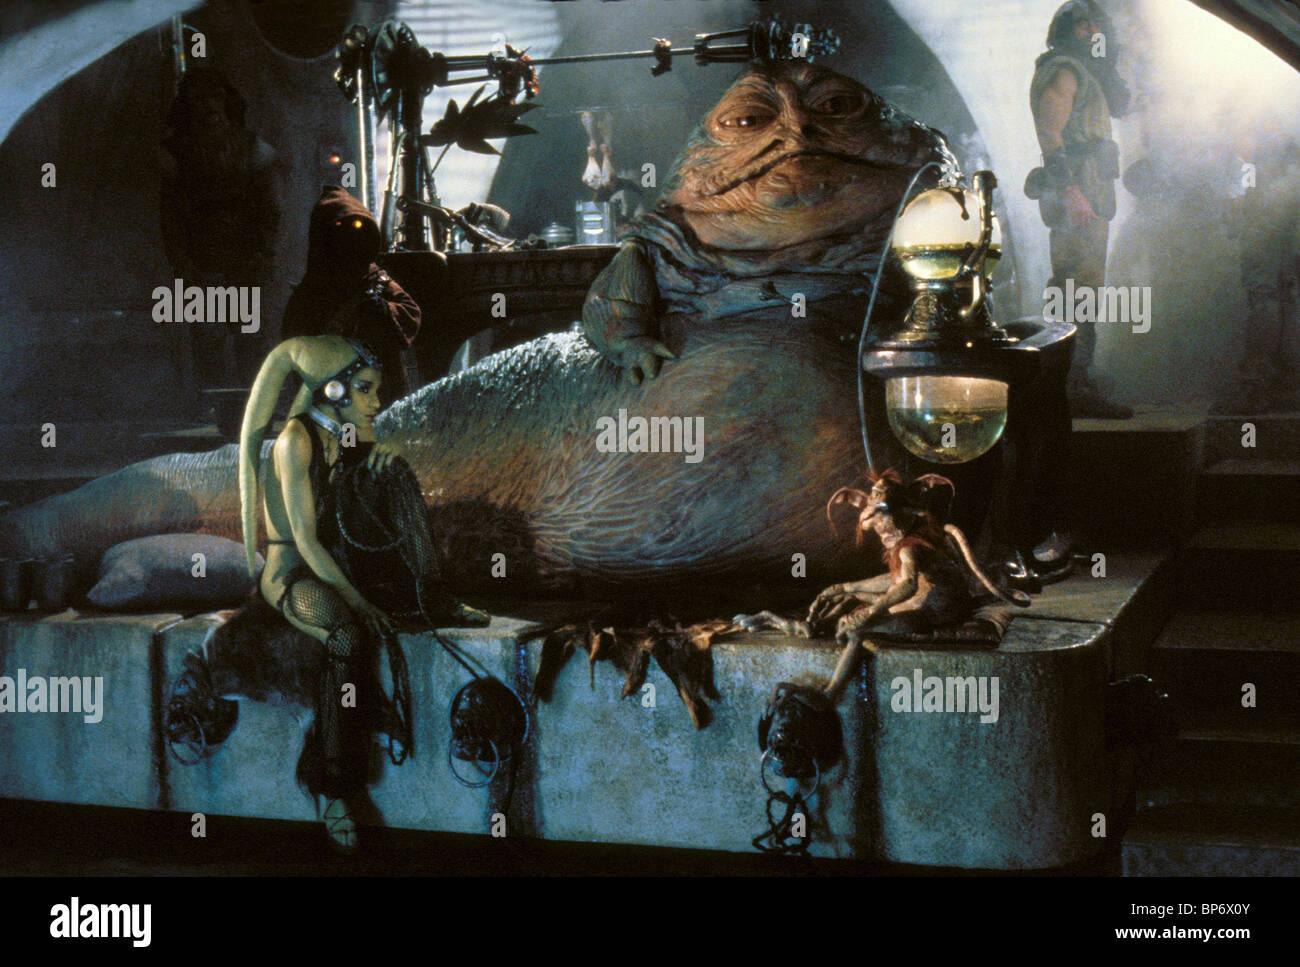 FEMI TAYLOR & JABBA THE HUT STAR WARS: RETURN OF THE JEDI ... Jabba The Hutt And Oola